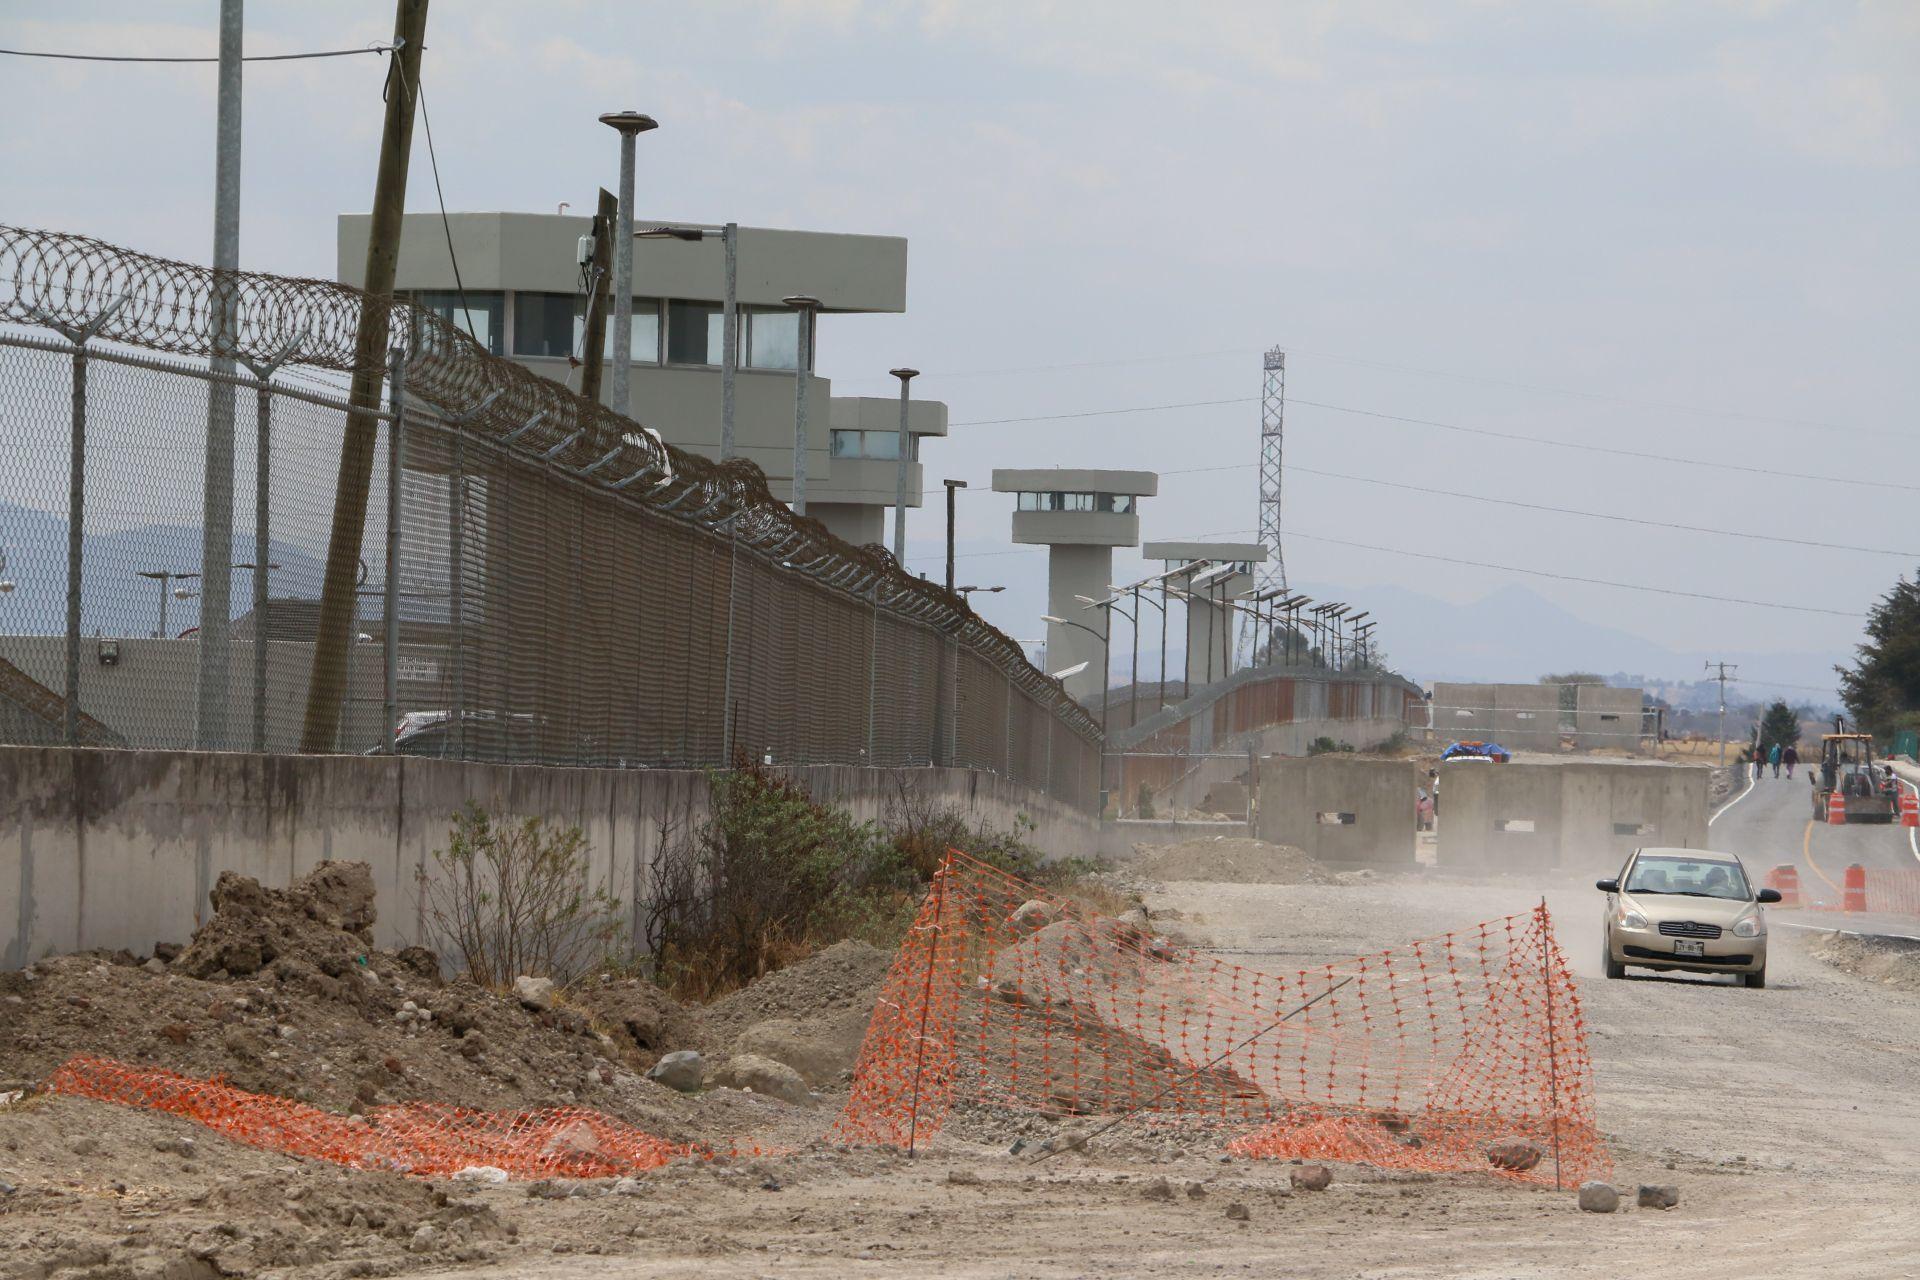 El penal federal del Altiplano es calificado como de alta seguridad. (Foto: SAÚL LÓPEZ /CUARTOSCURO)